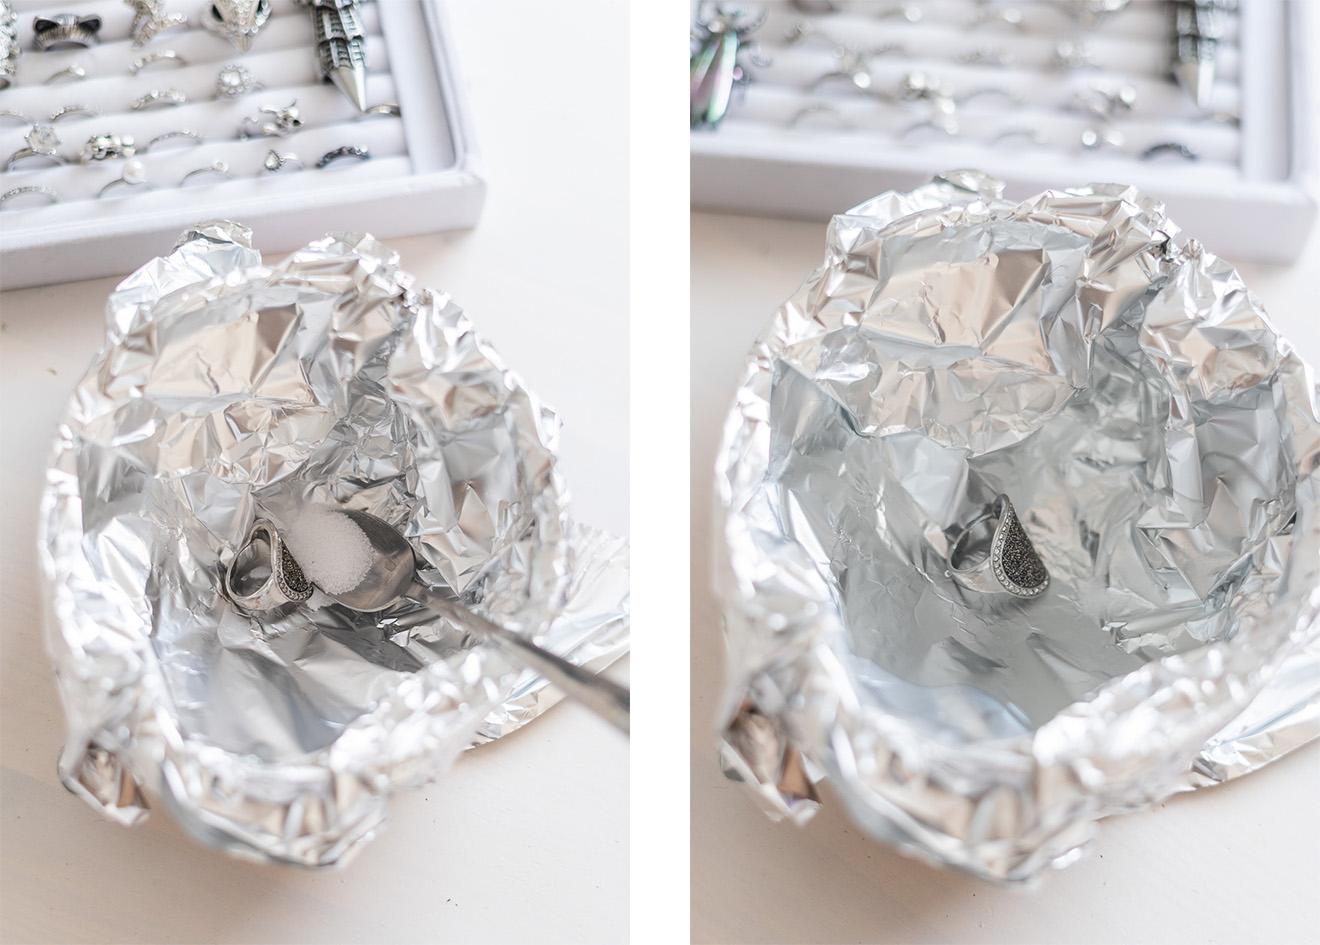 Silberschmuck mit Salz und Alufolie reinigen